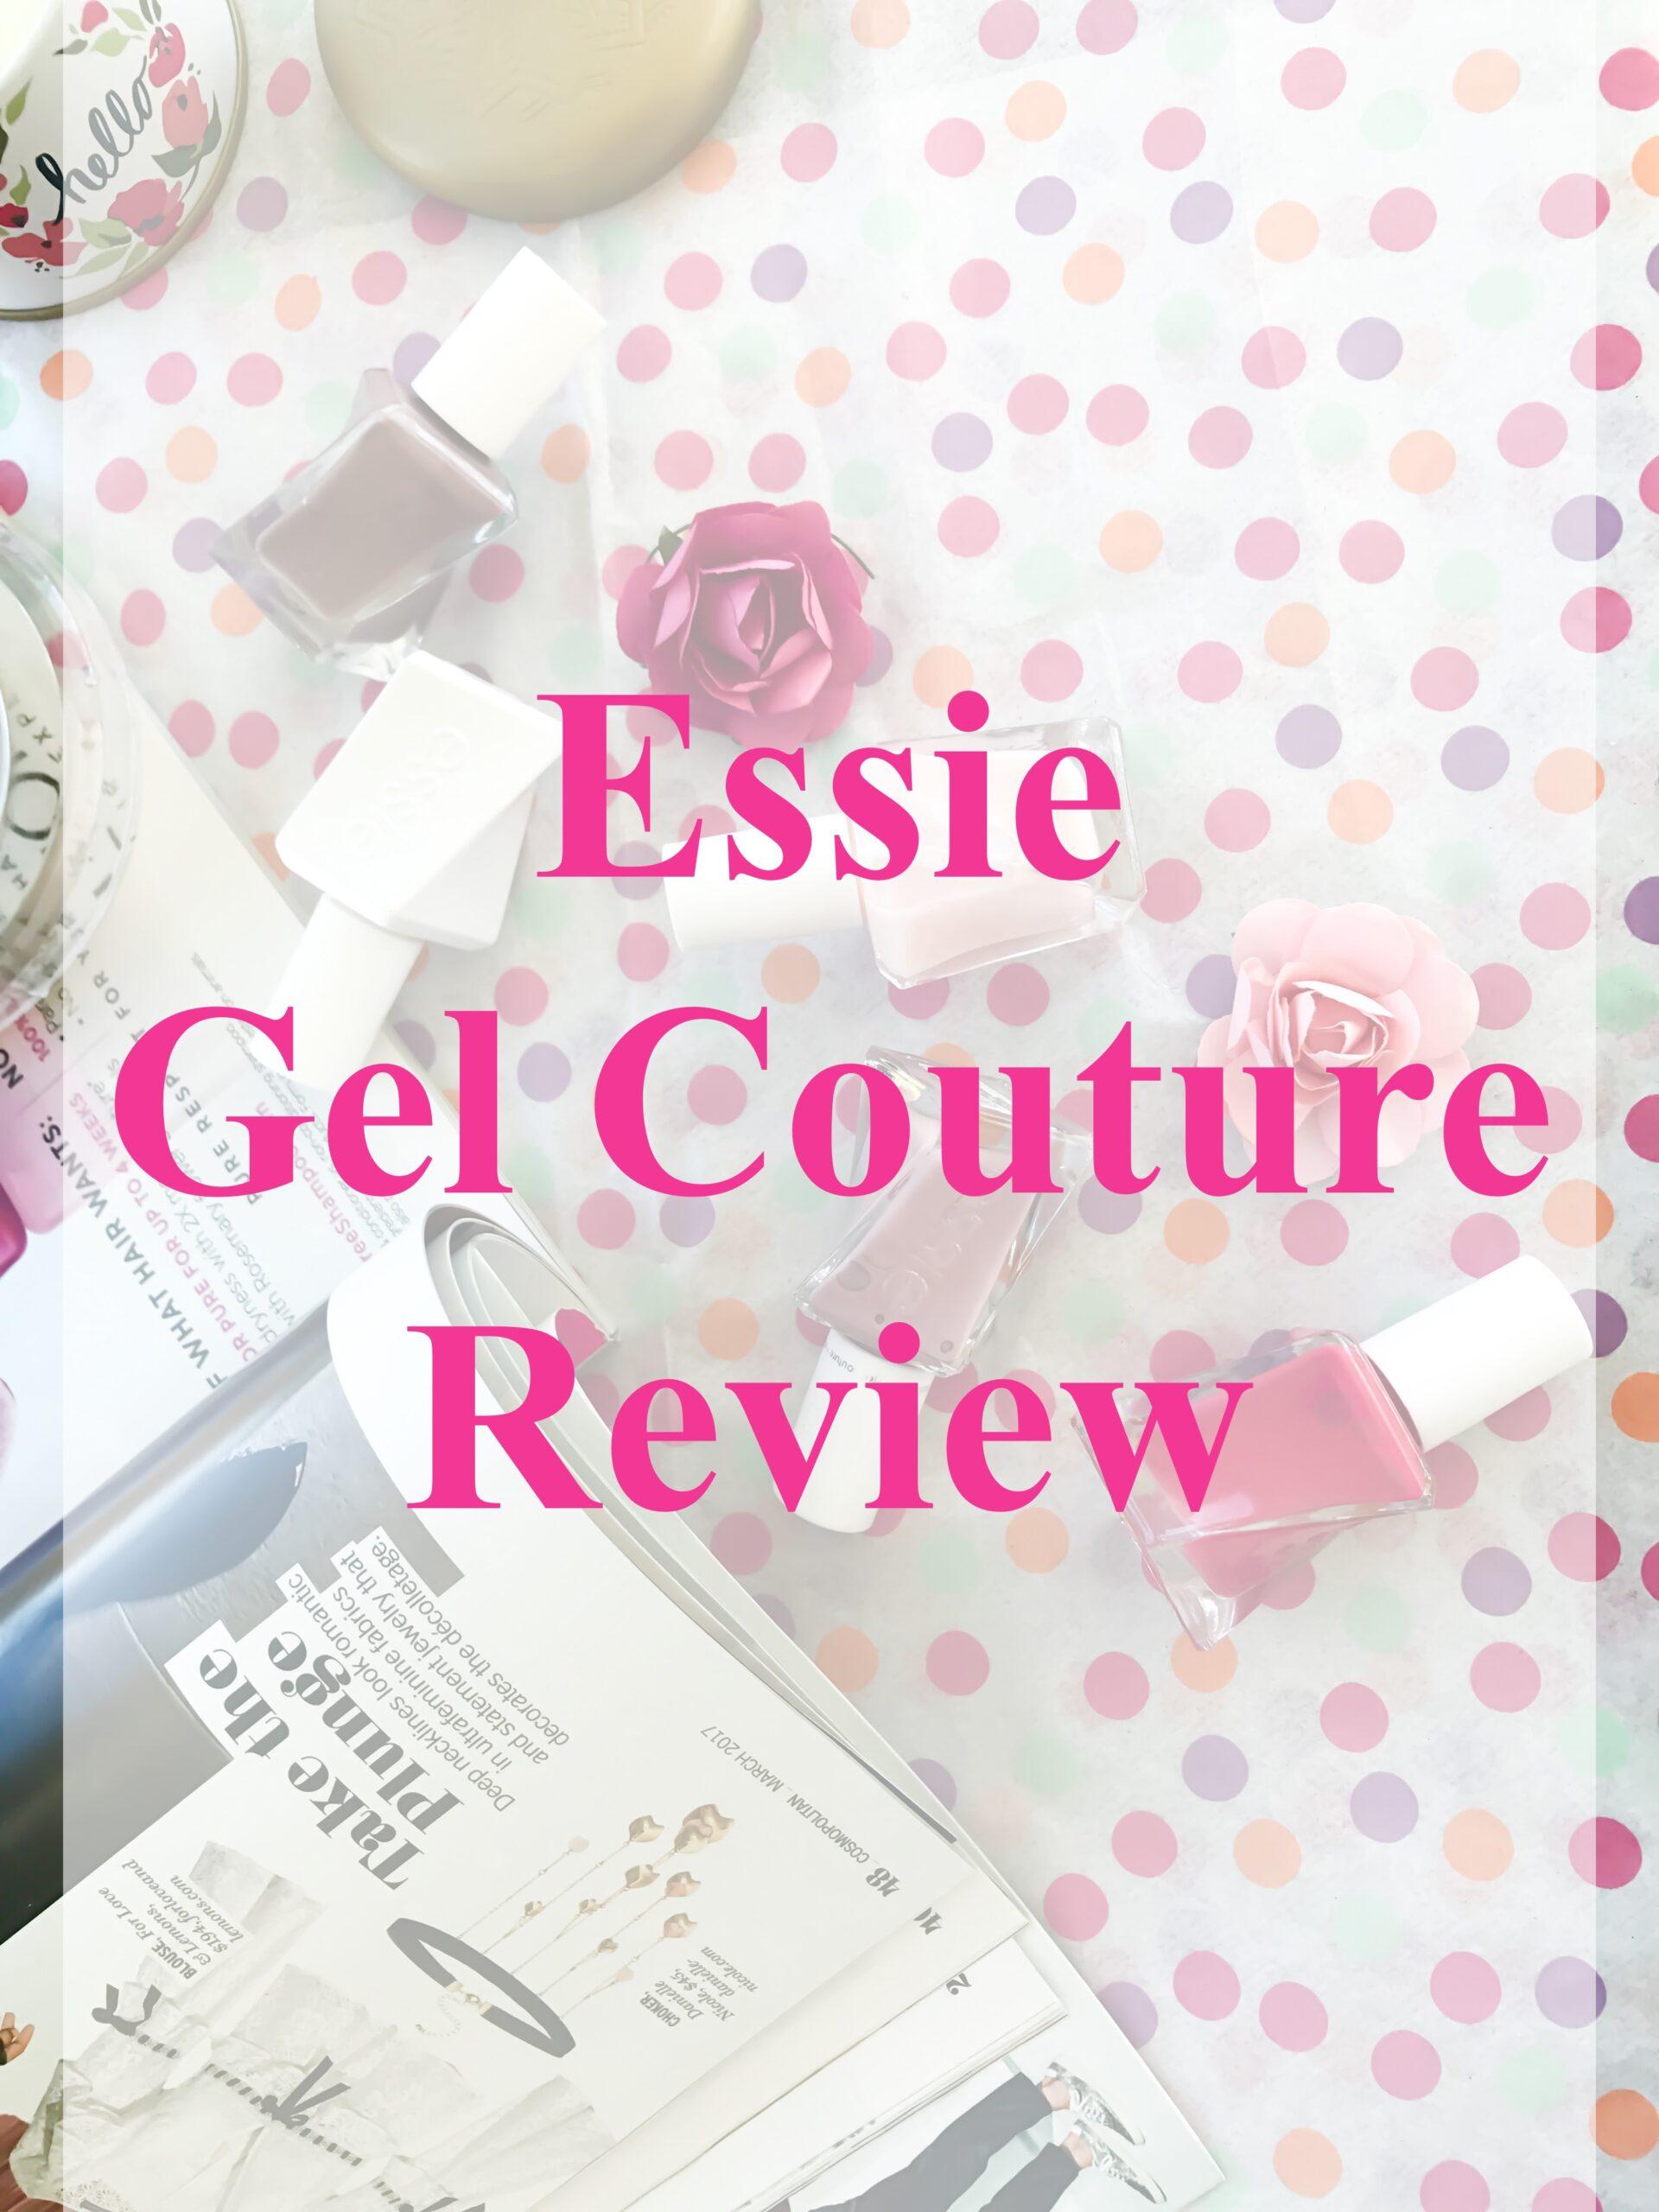 Essie Gel Couture